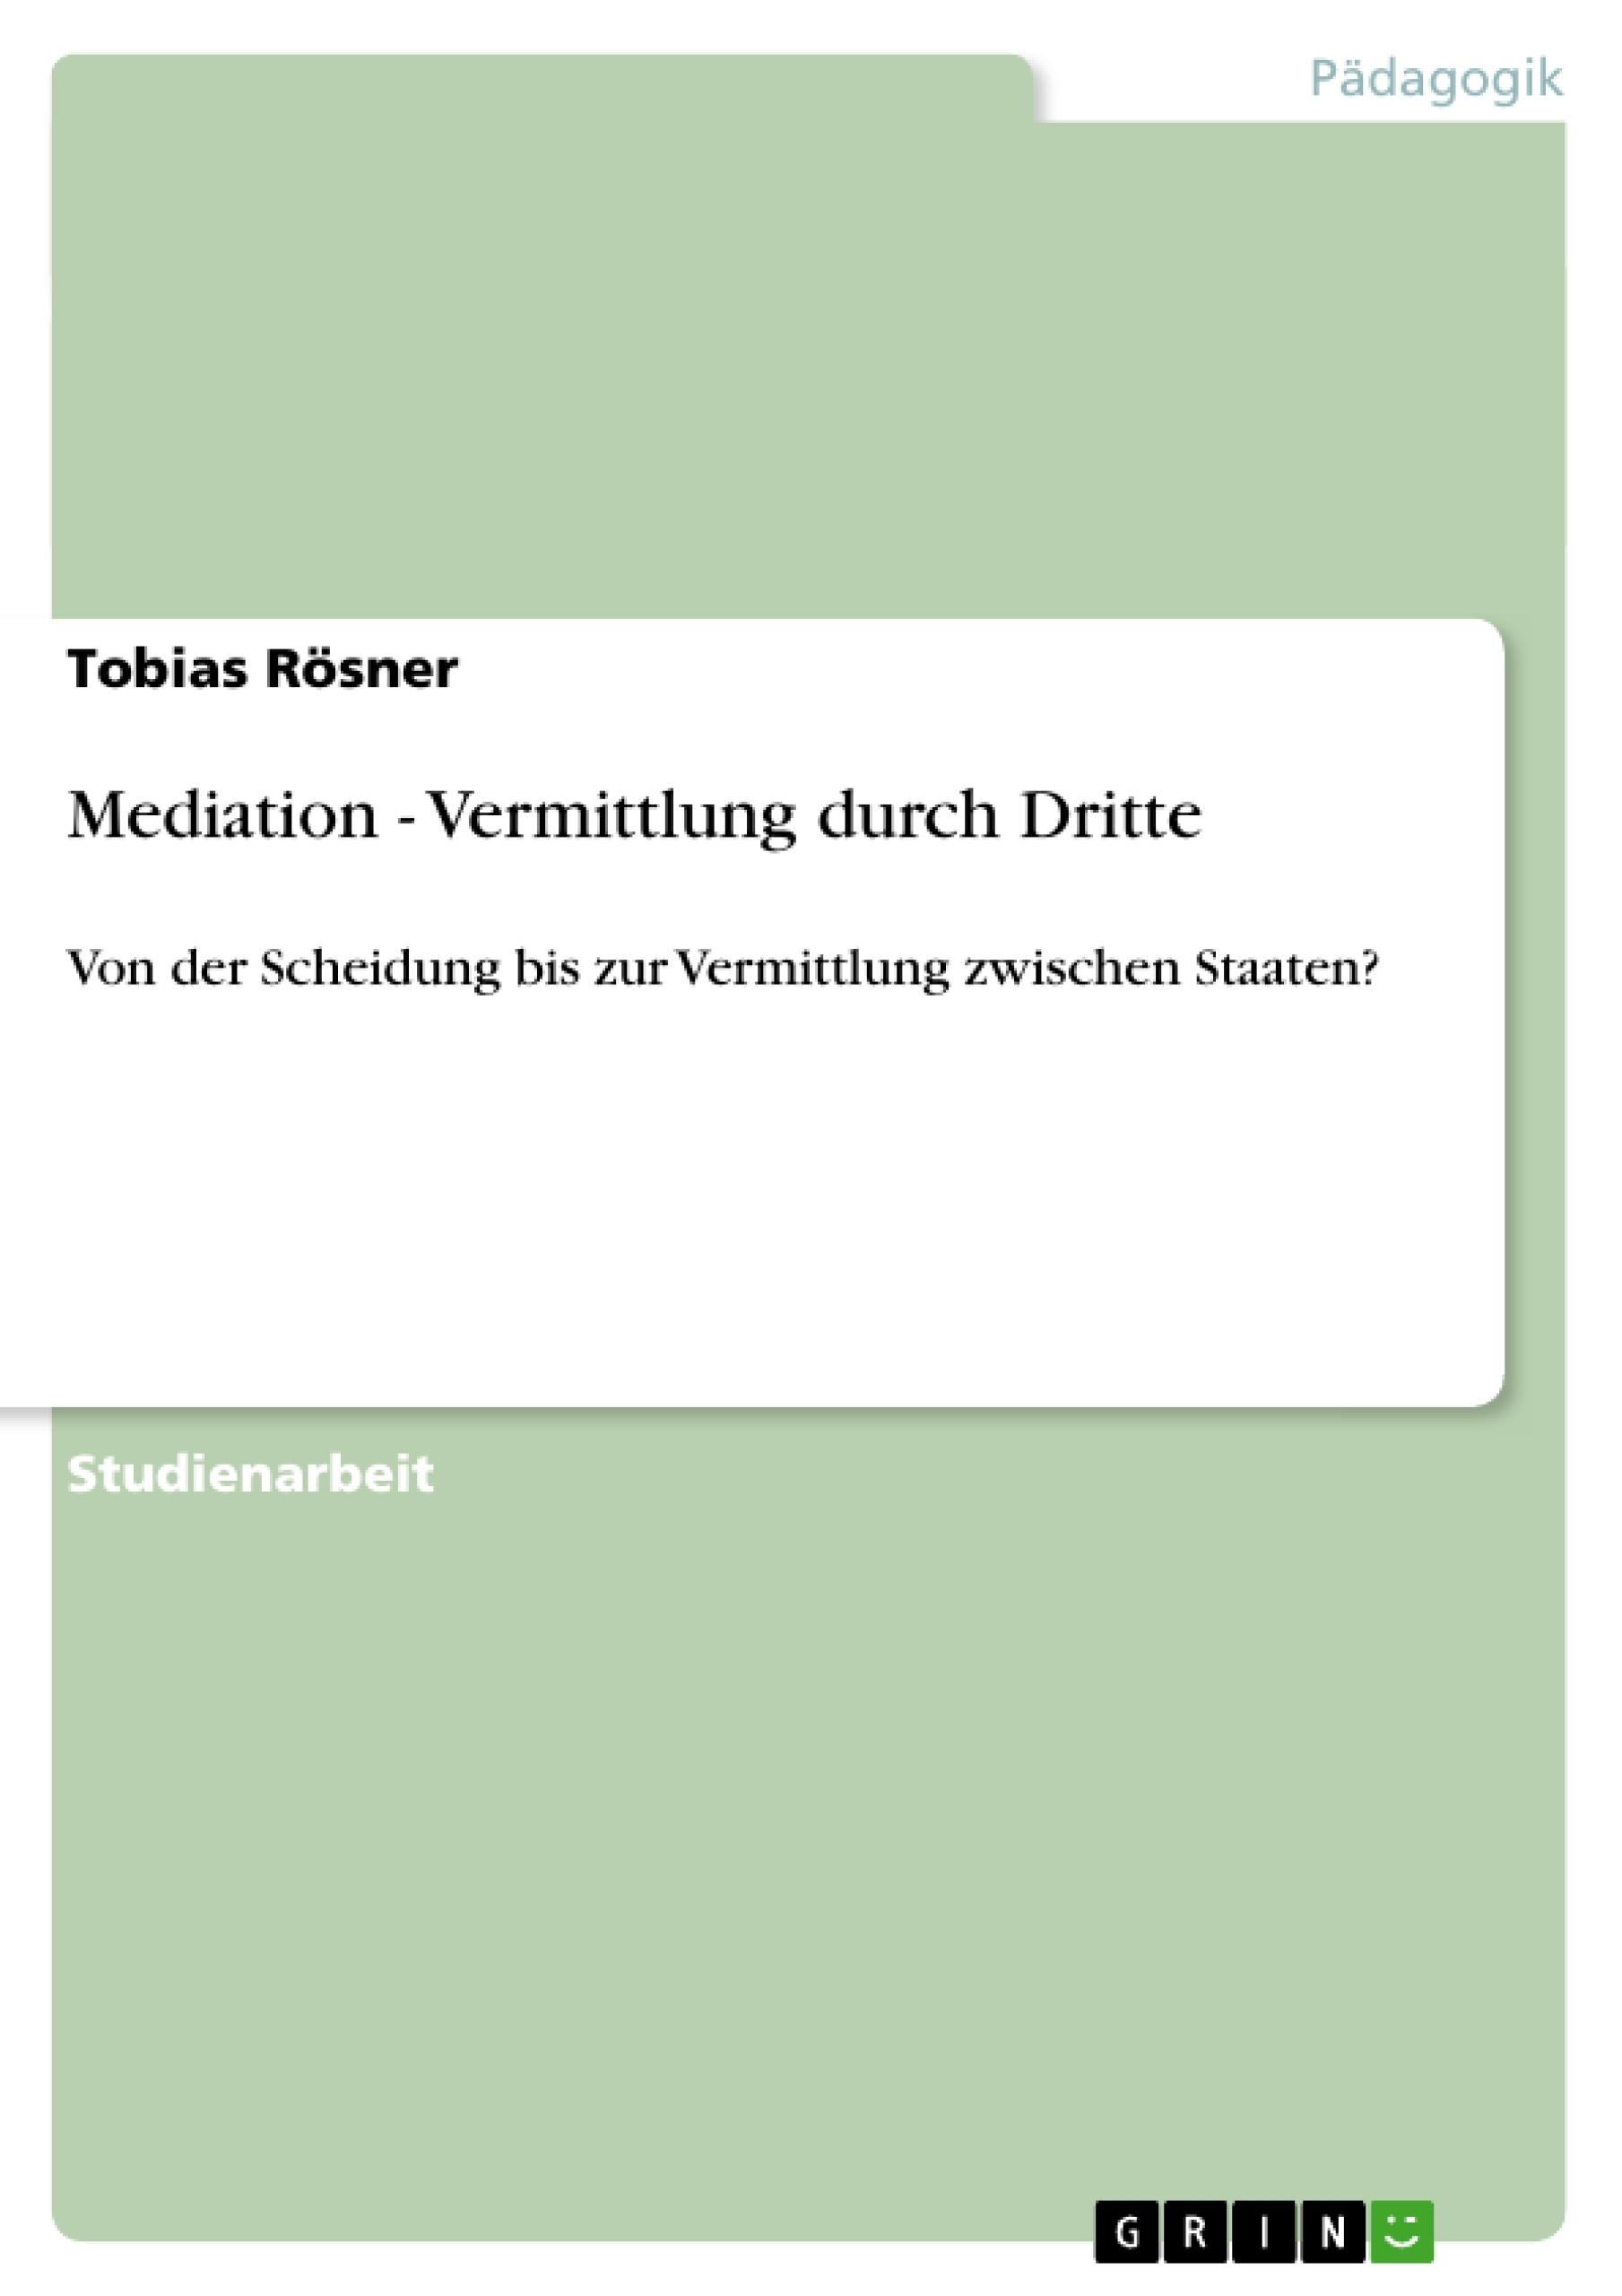 Titel: Mediation - Vermittlung durch Dritte